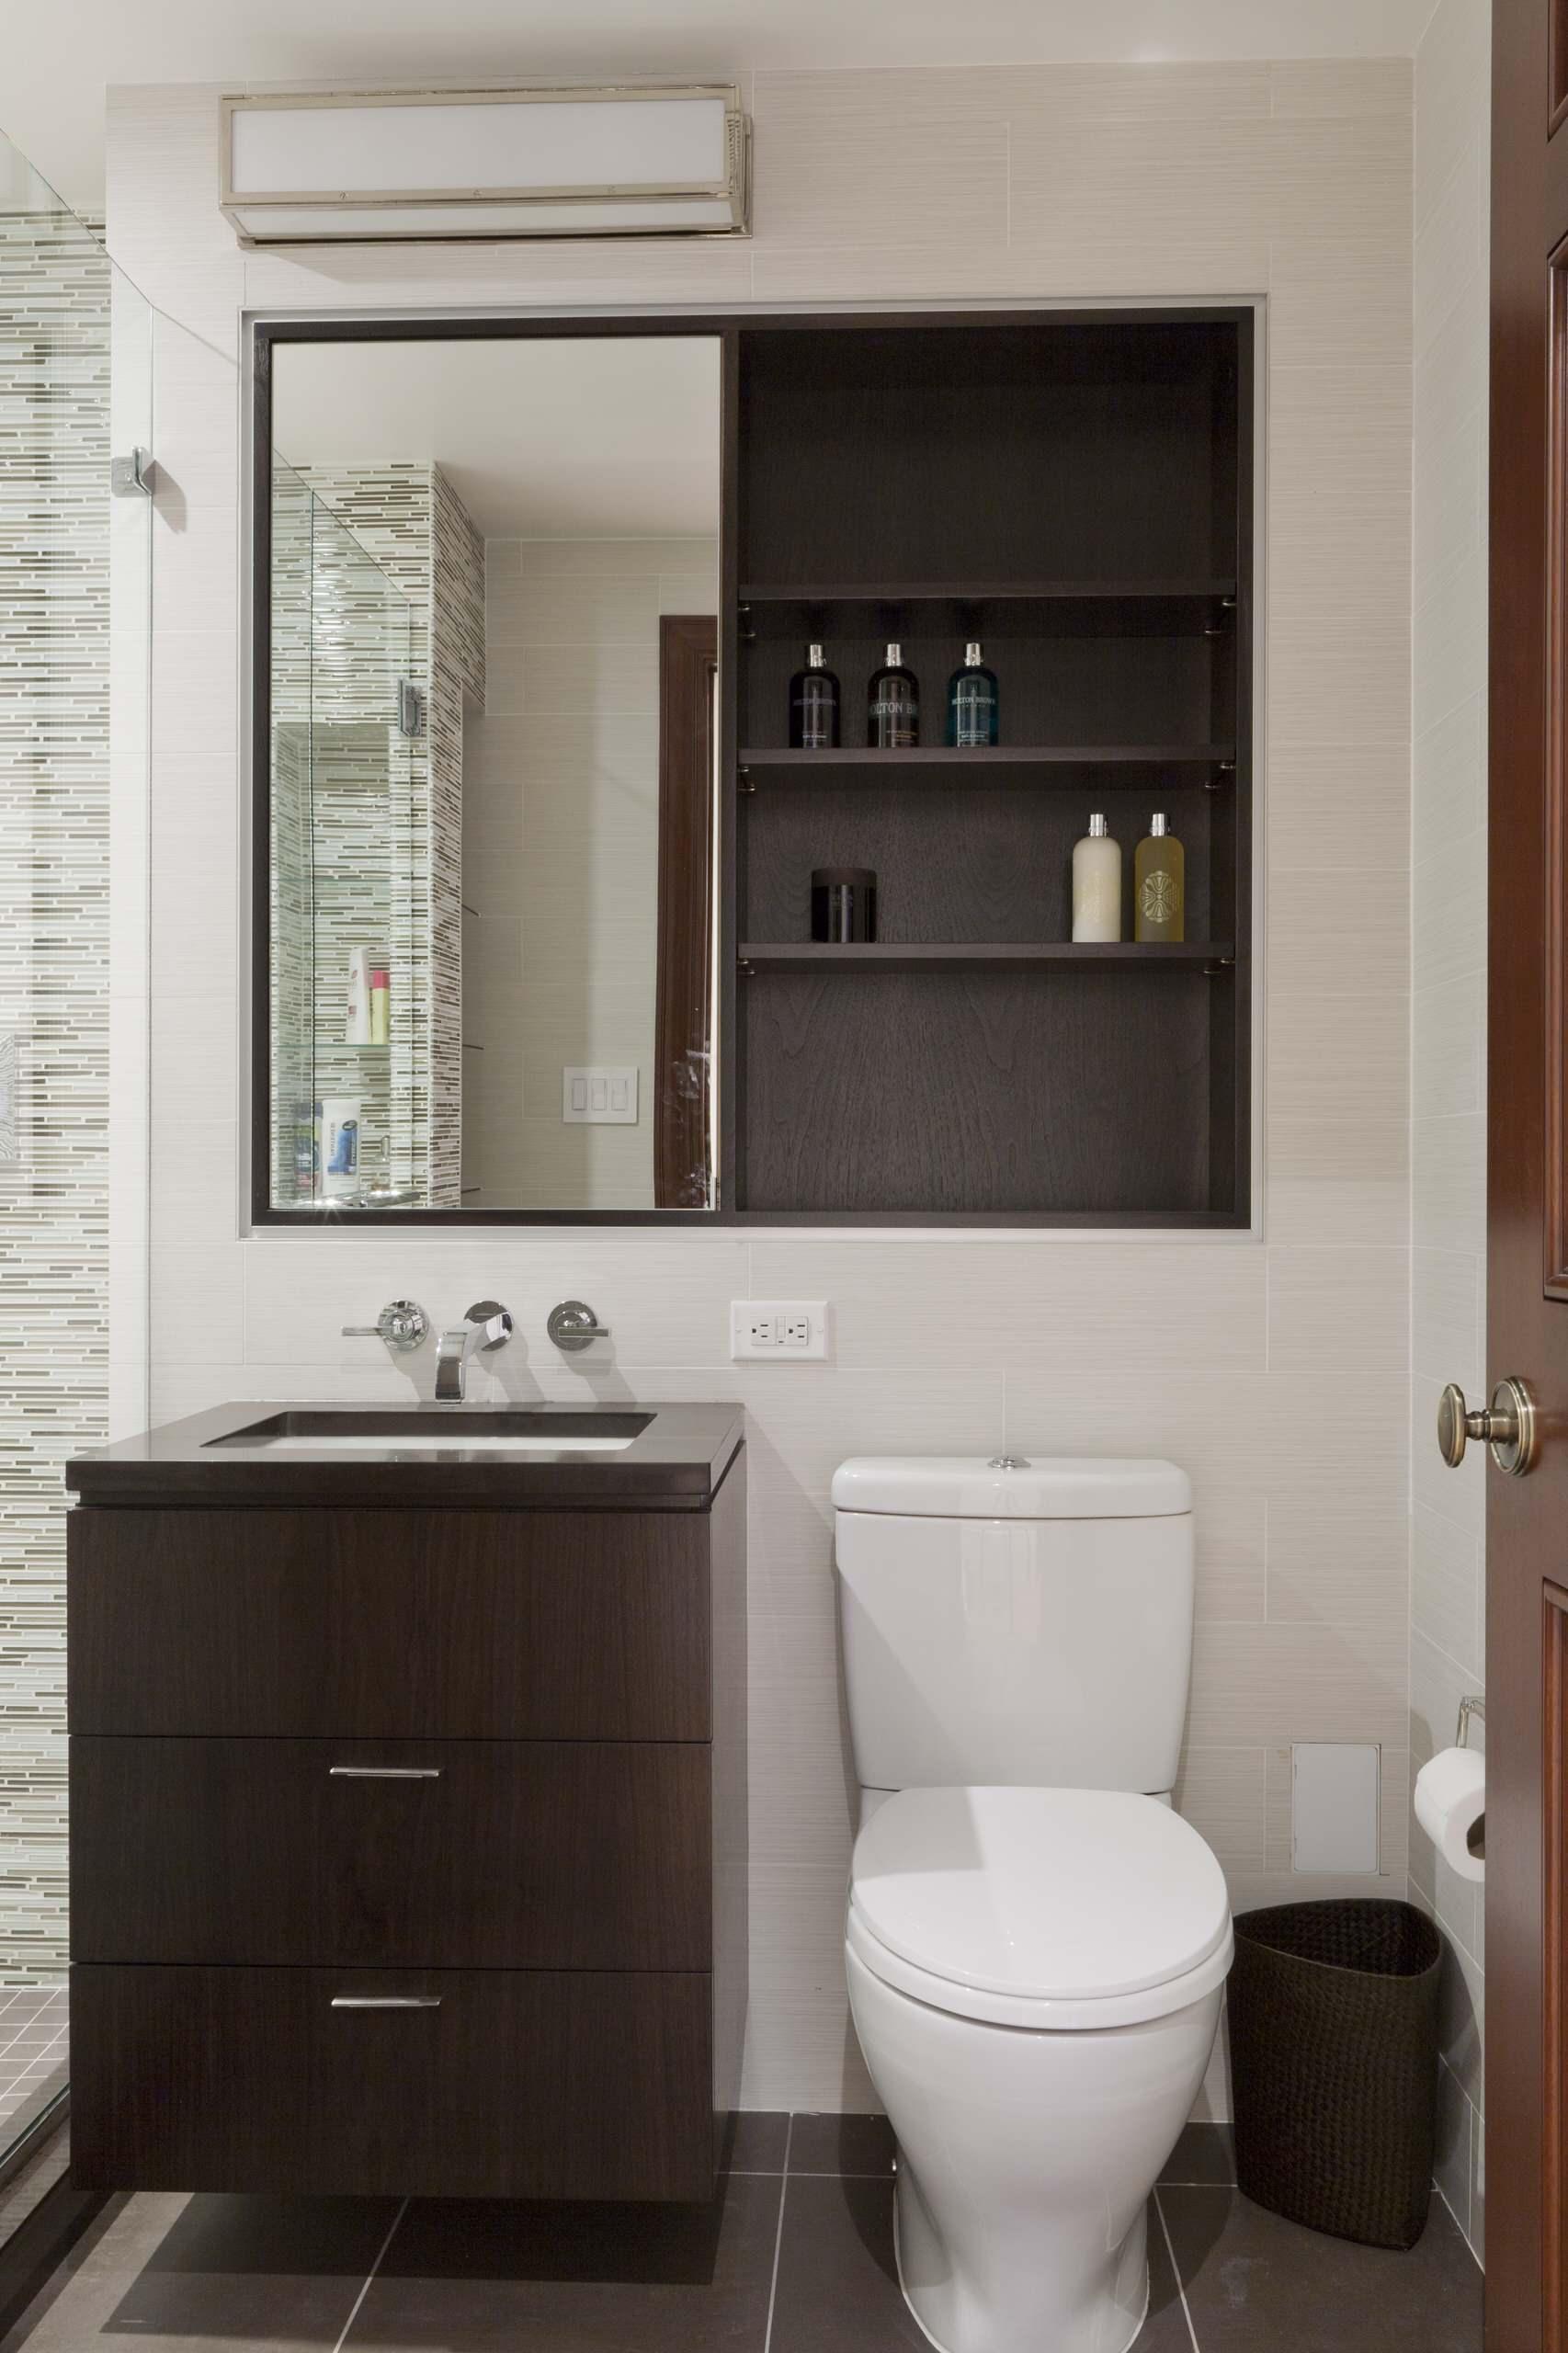 Полки в туалете за унитазом